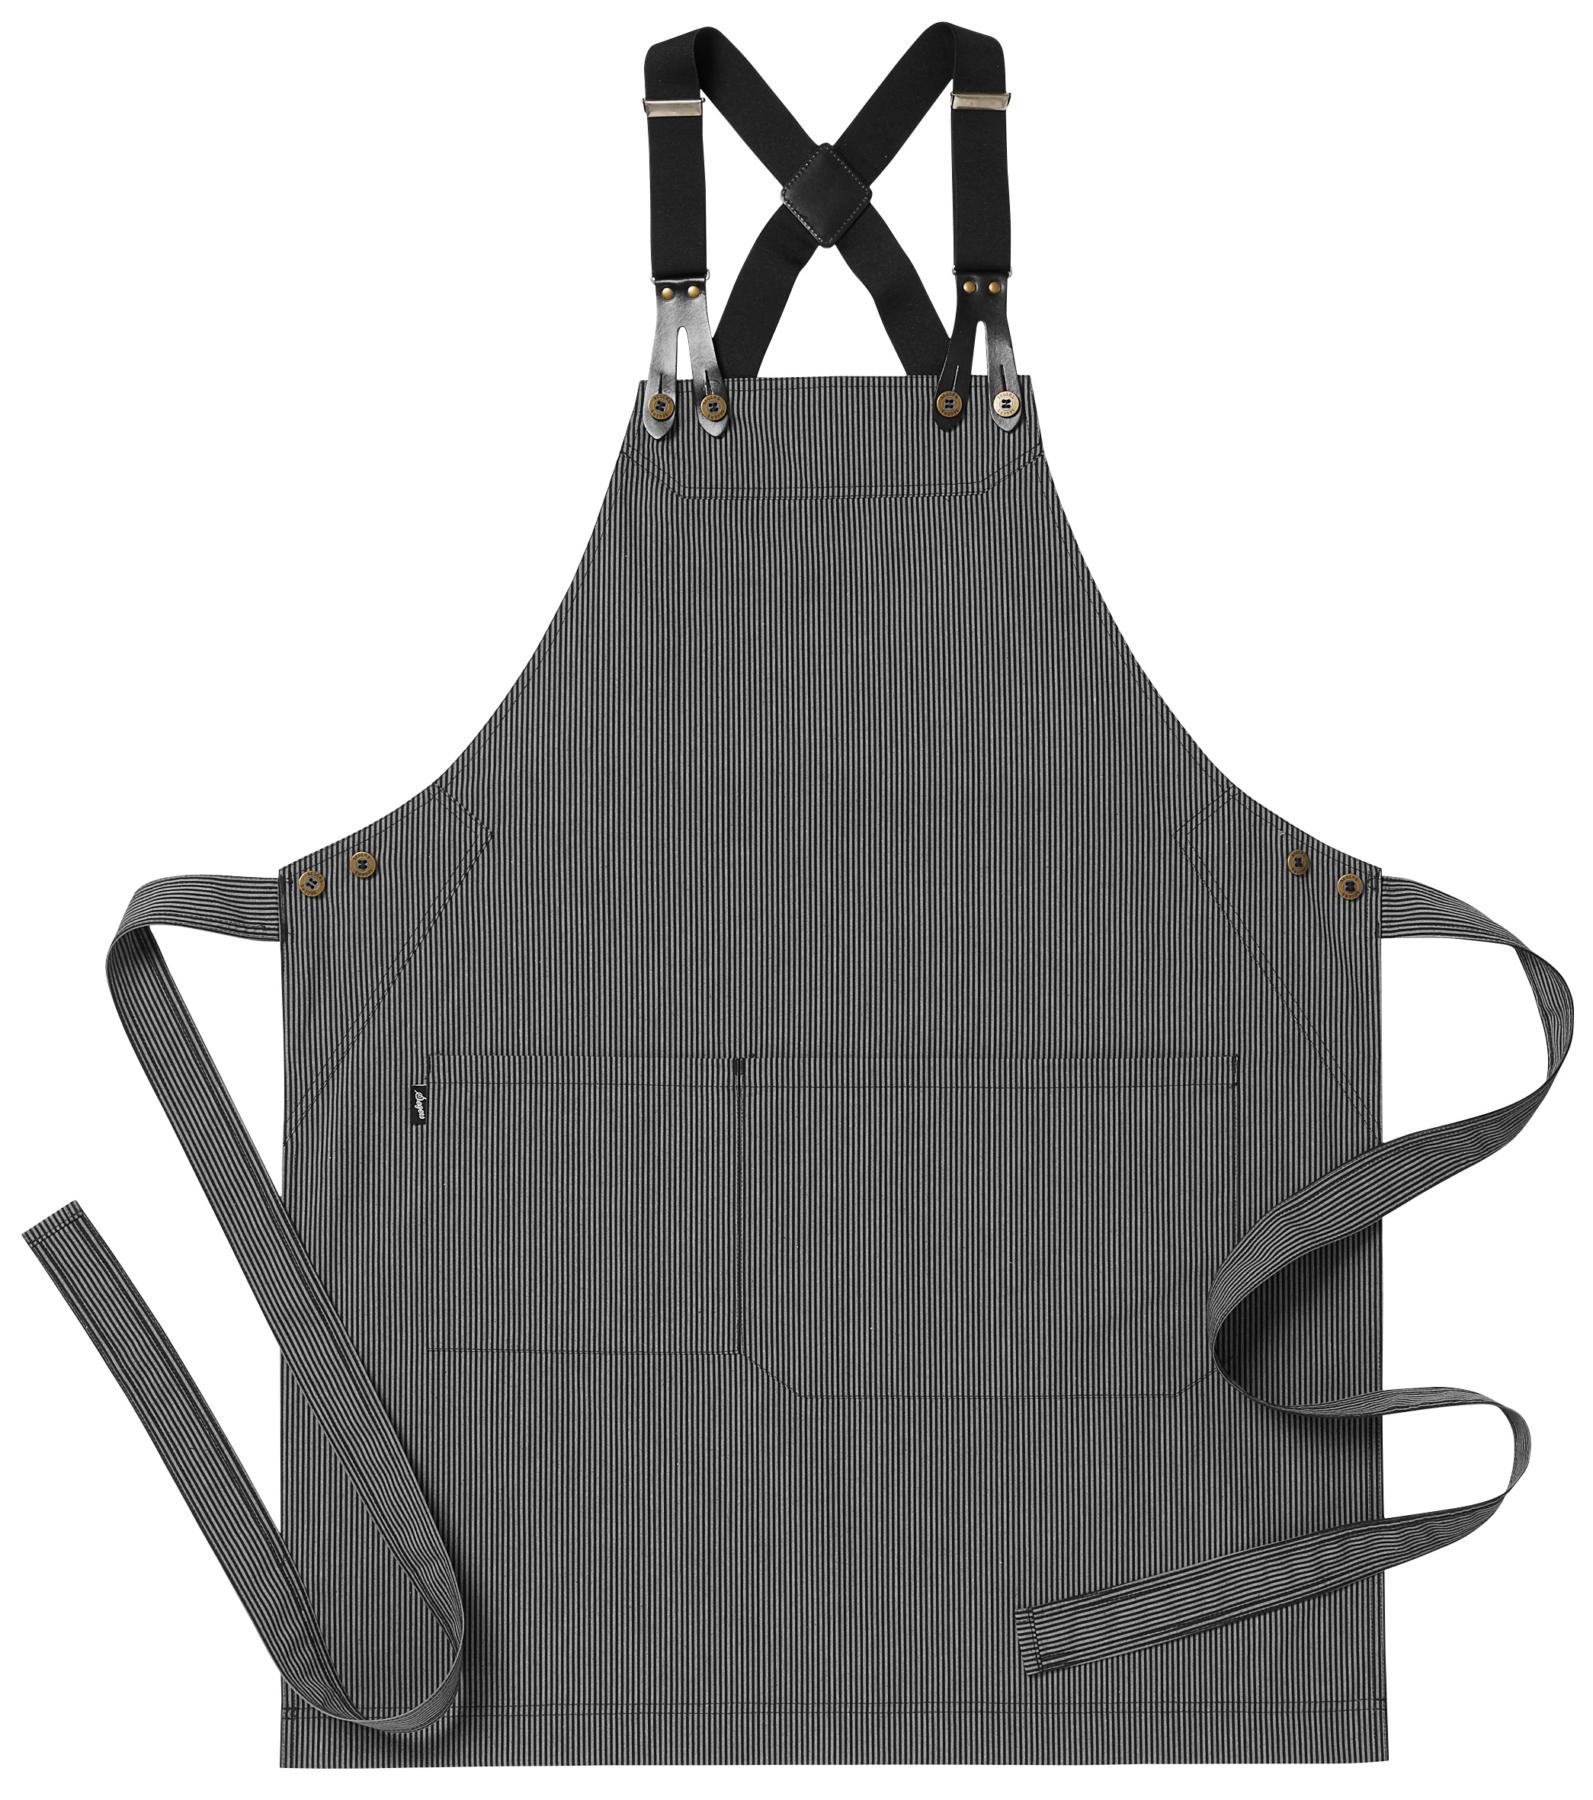 zwart grijs gestreept schort met bretel